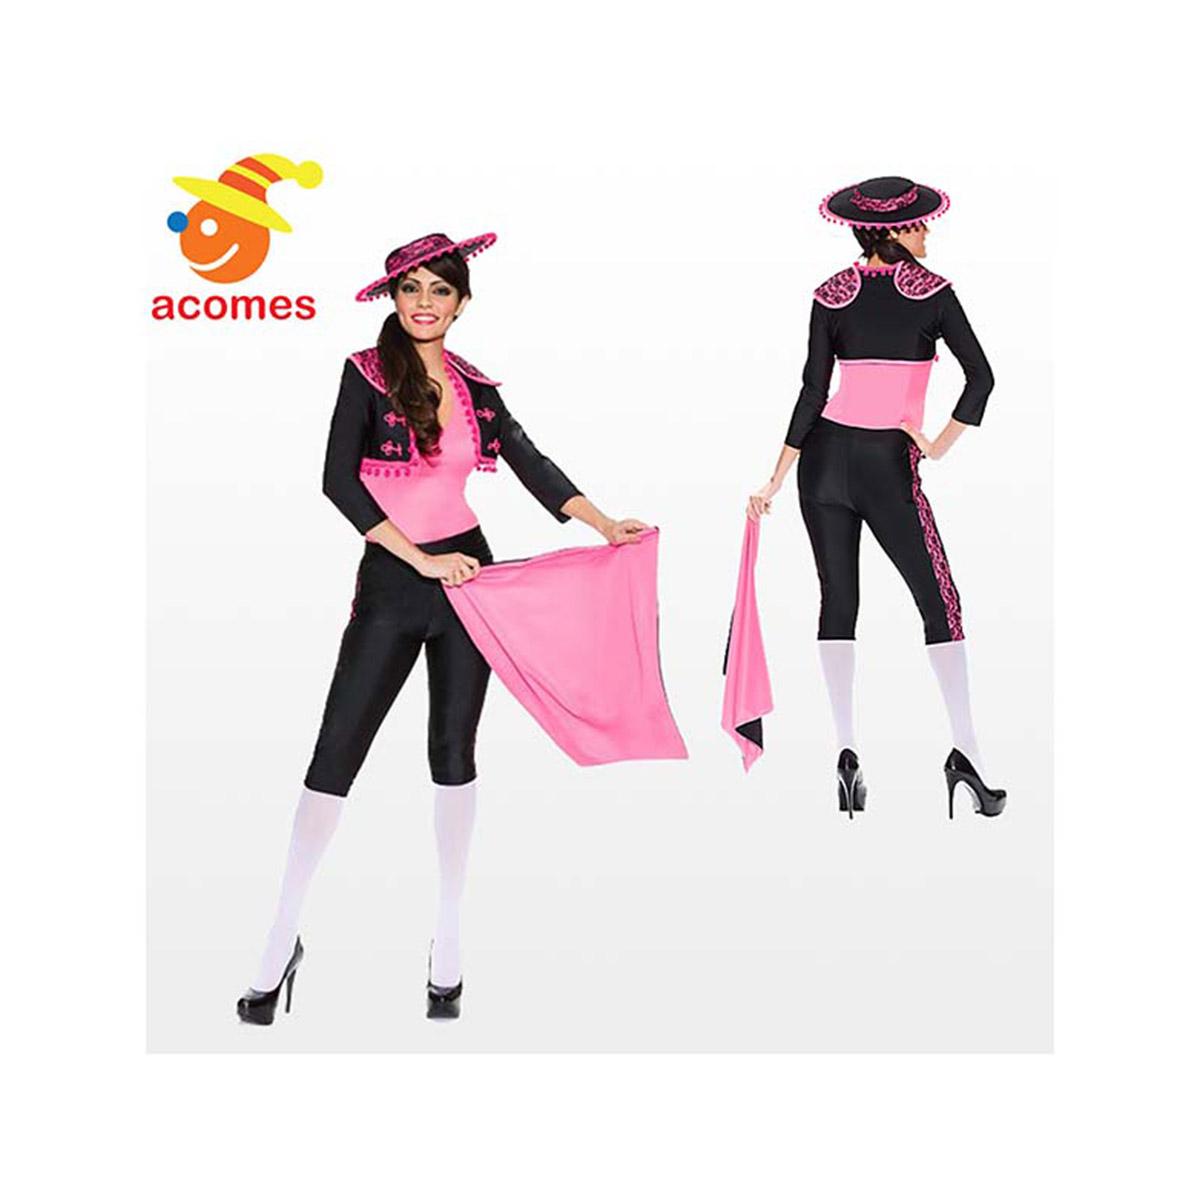 闘牛士 衣装 コスプレ コスチューム 大人 女性用 ピンク マタドール スペイン レディース 仮装 グッズ